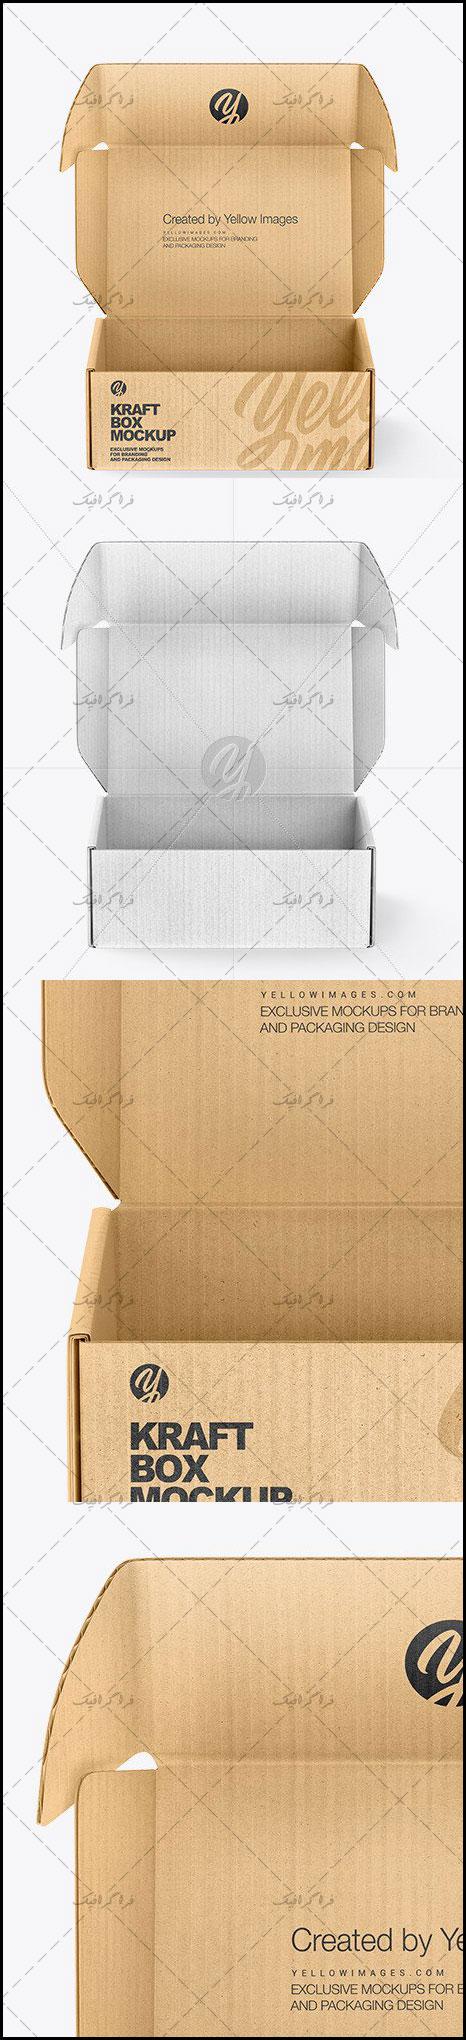 دانلود ماک آپ فتوشاپ جعبه مقوایی